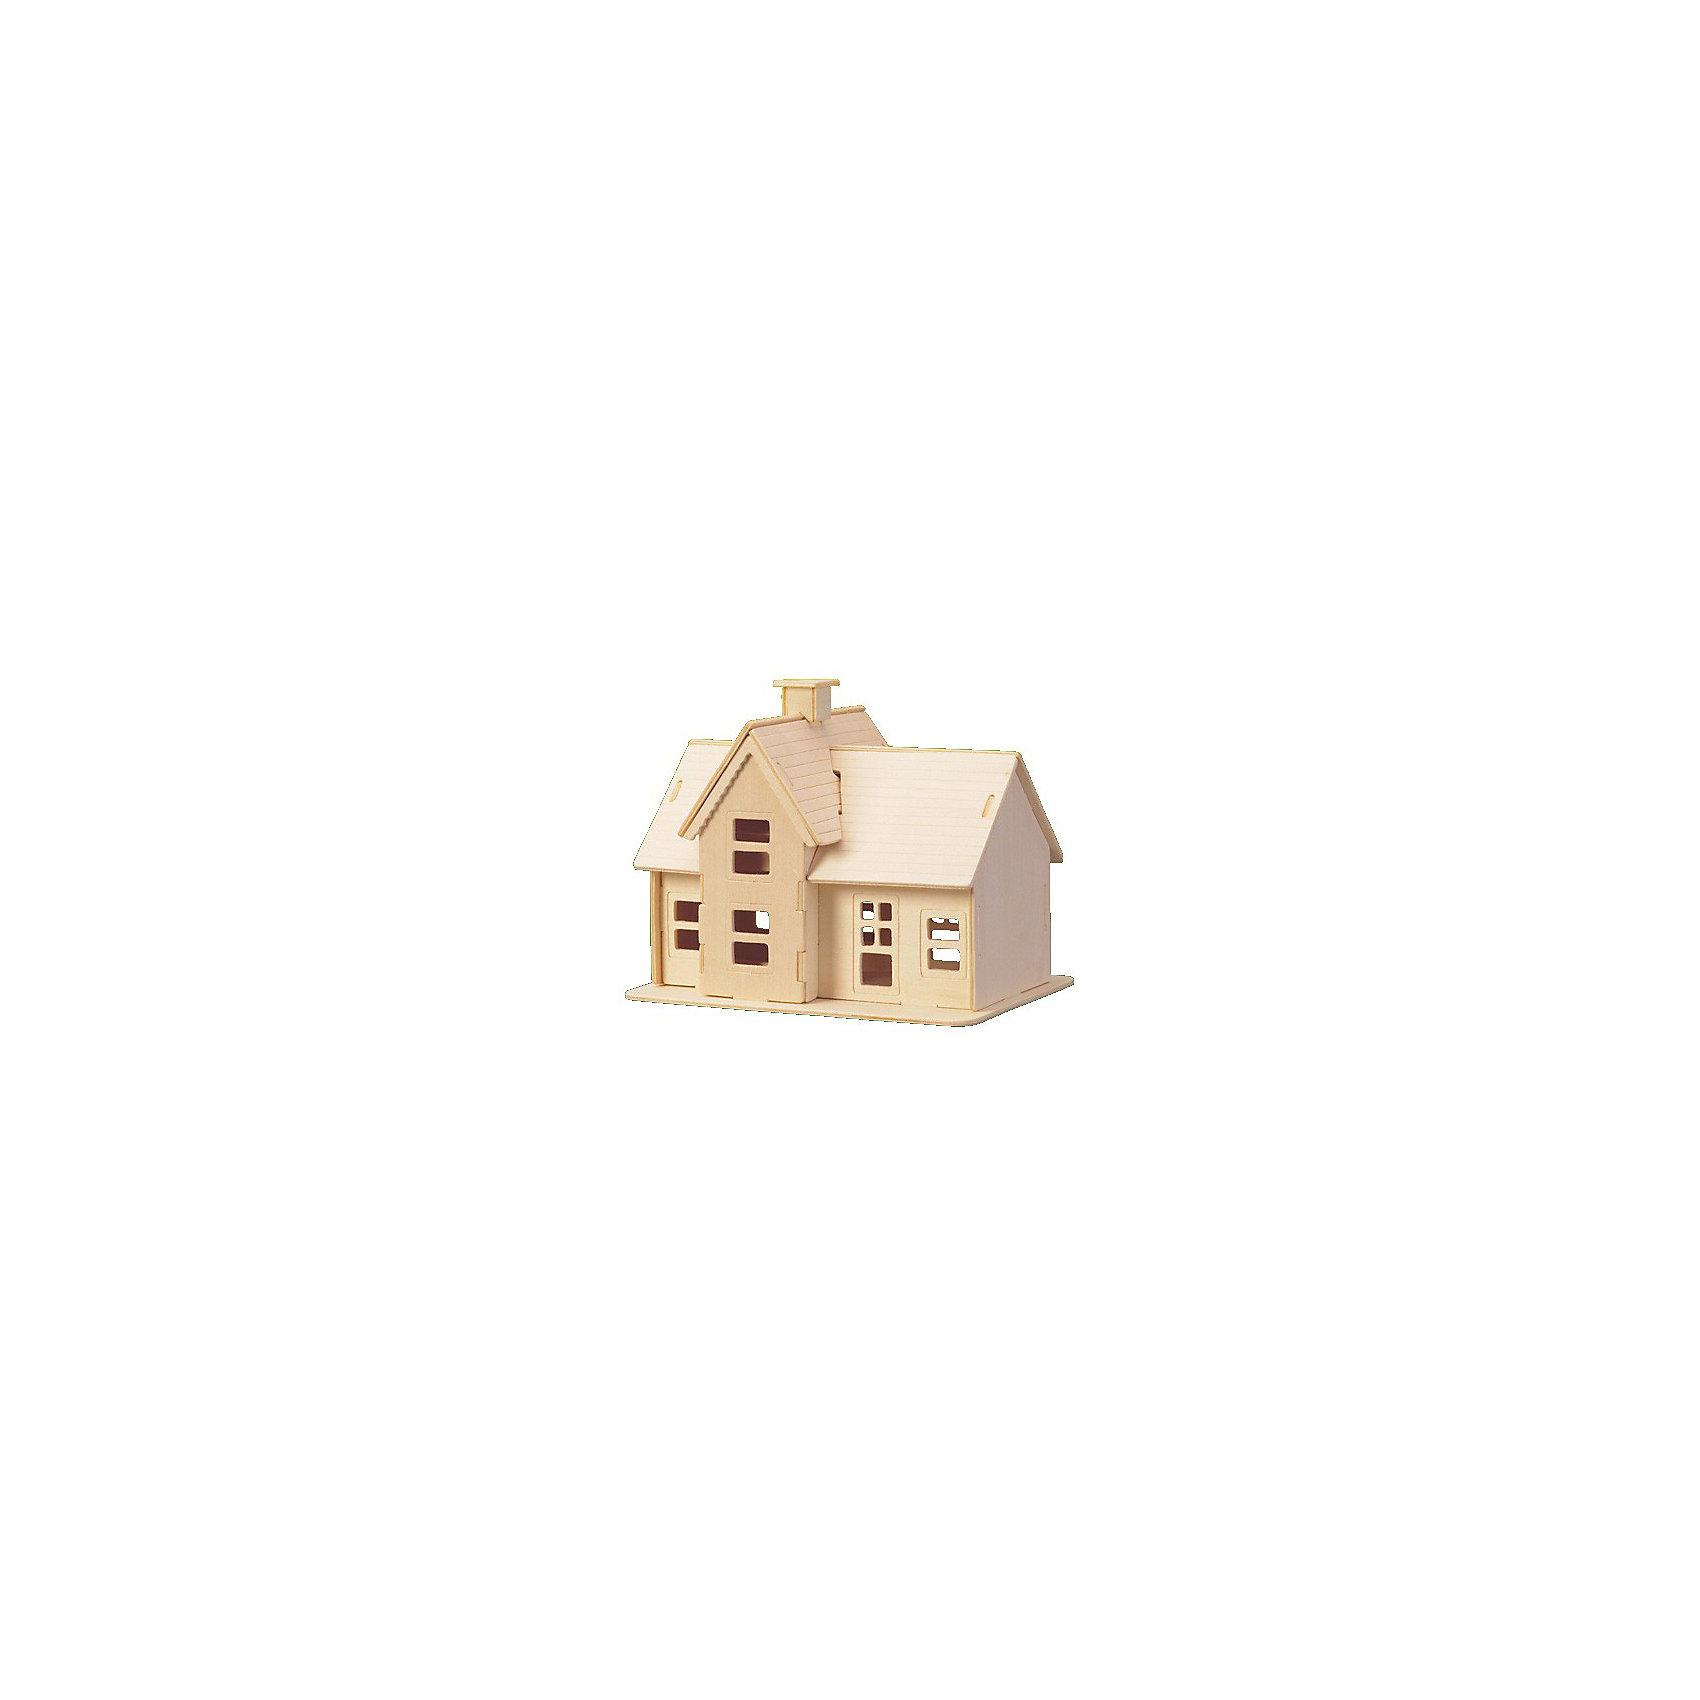 МДИ Летний домик, Мир деревянных игрушек игрушка мир деревянных игрушек лабиринт слон д345